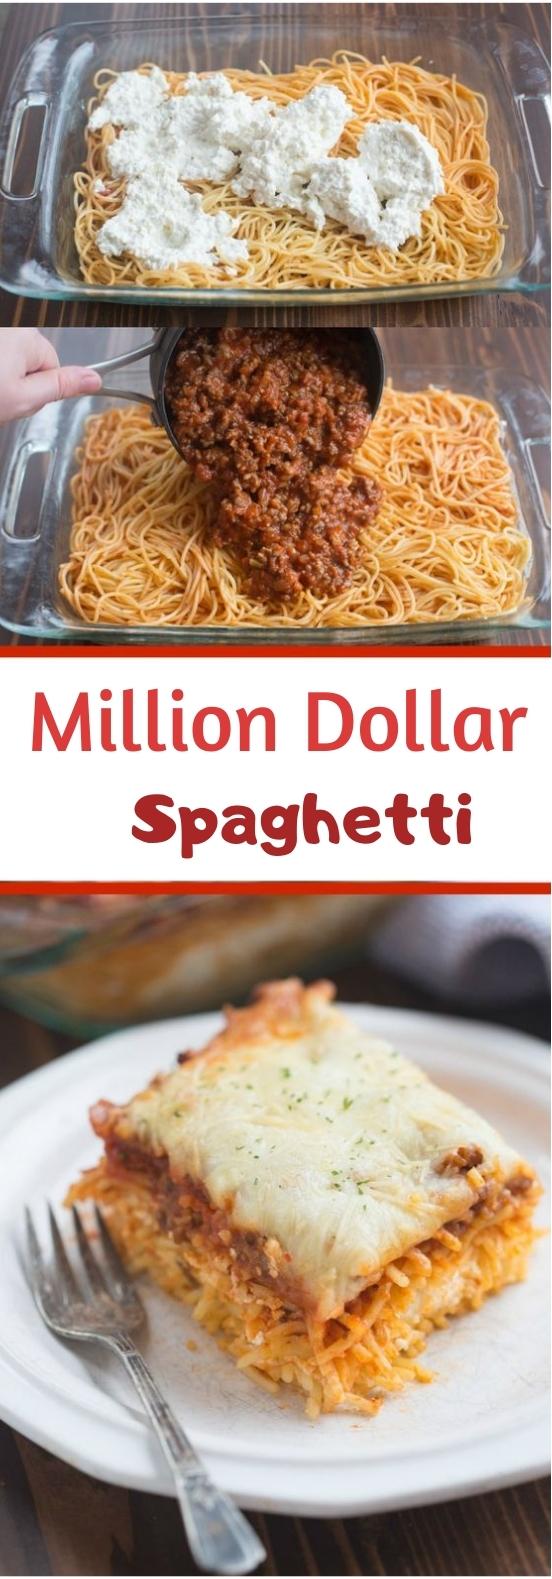 Million Dollar Spaghetti #bestdinner #pasta